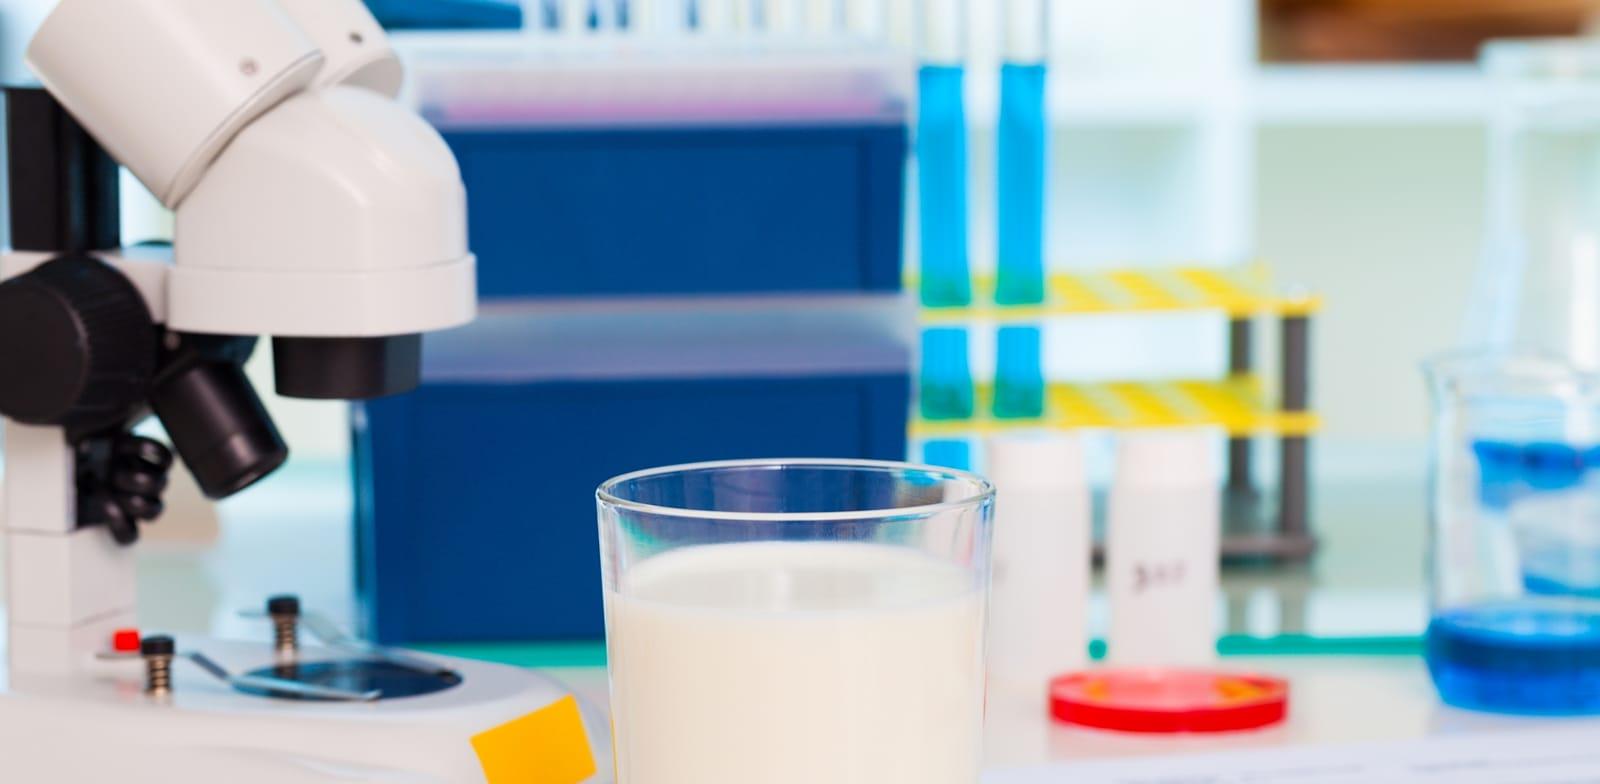 החלב המתורבת בדרך? / צילום: Shutterstock